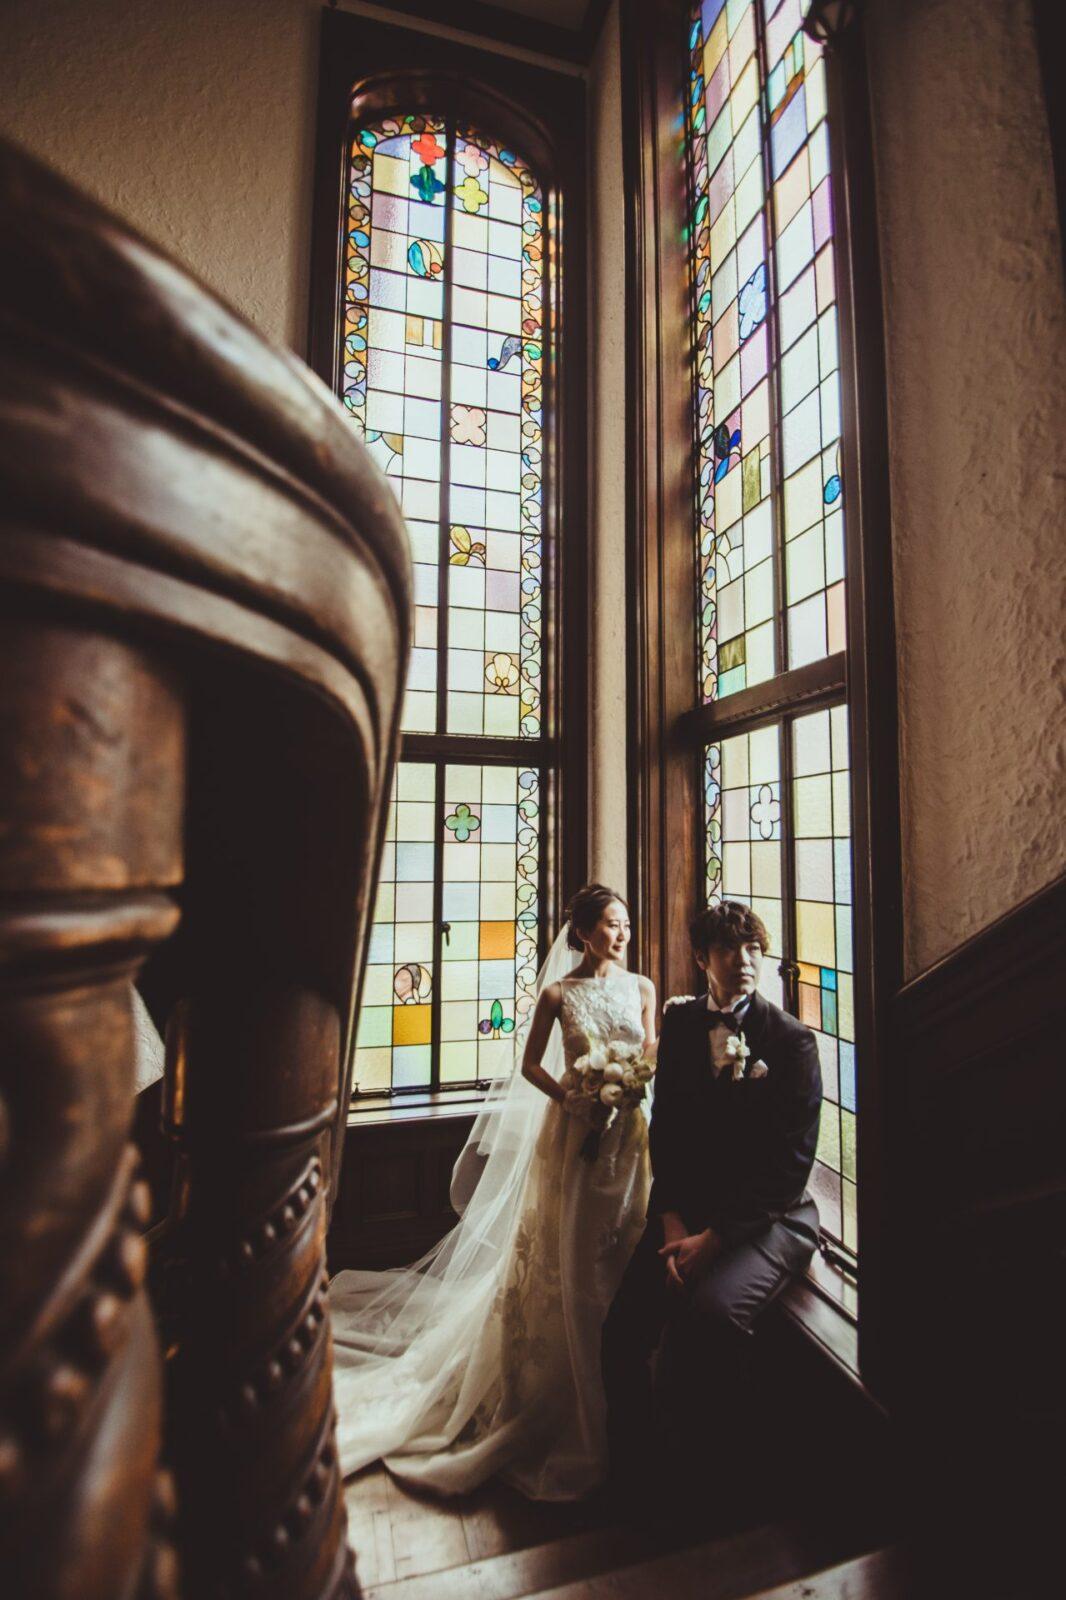 赤坂プリンスクラシックハウスのステンドガラスの前での撮影は、クラシックな情緒あふれる写真が残せることで人気があります